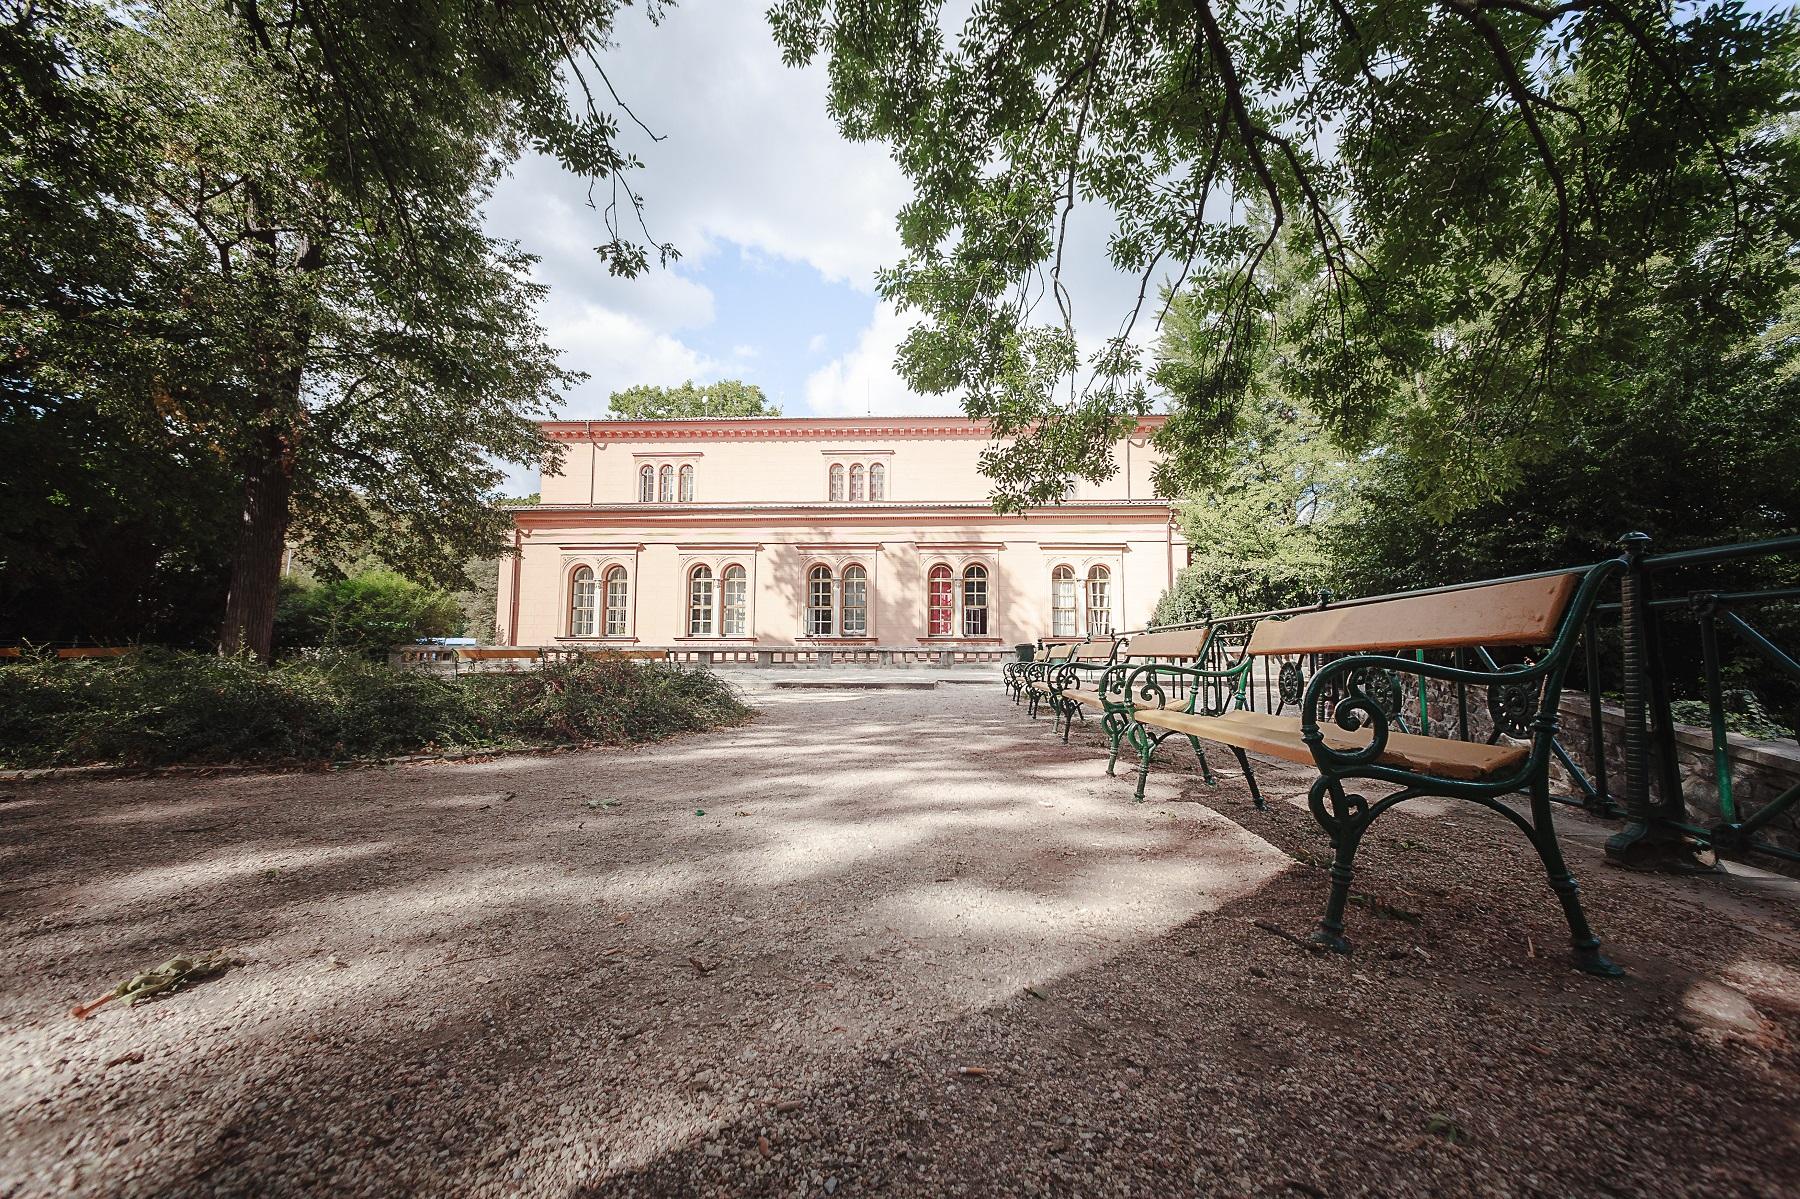 Lužánky Park in Brno, Oliver Staša